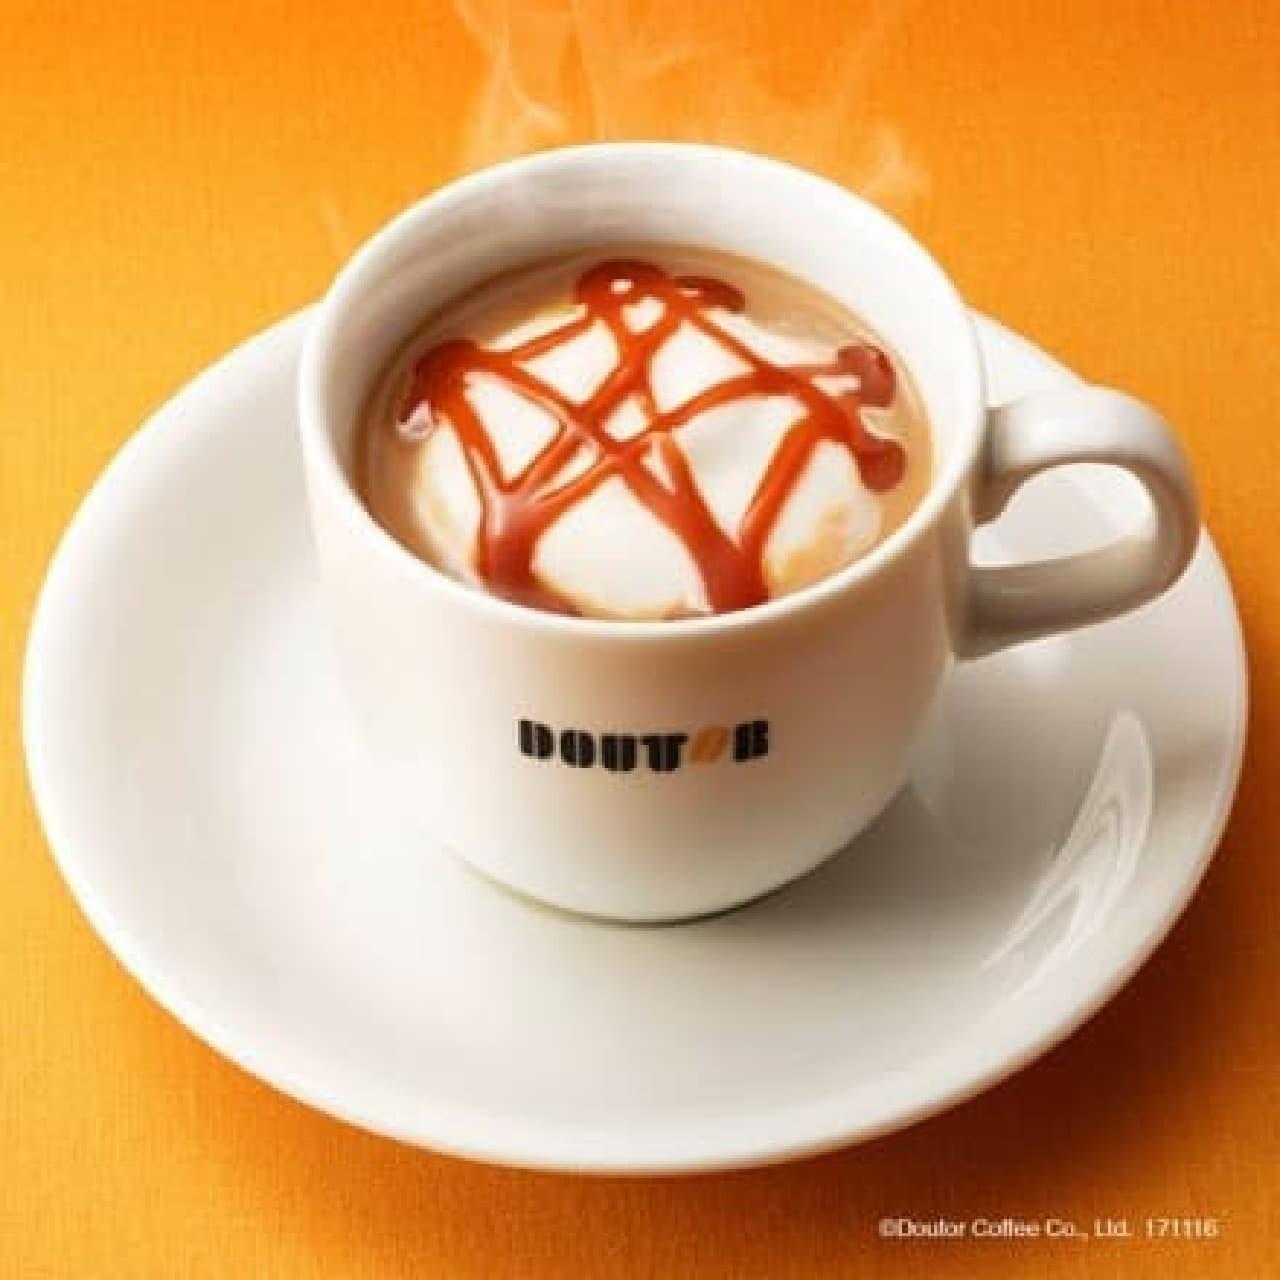 ドトールコーヒー「キャラメルコーヒー」